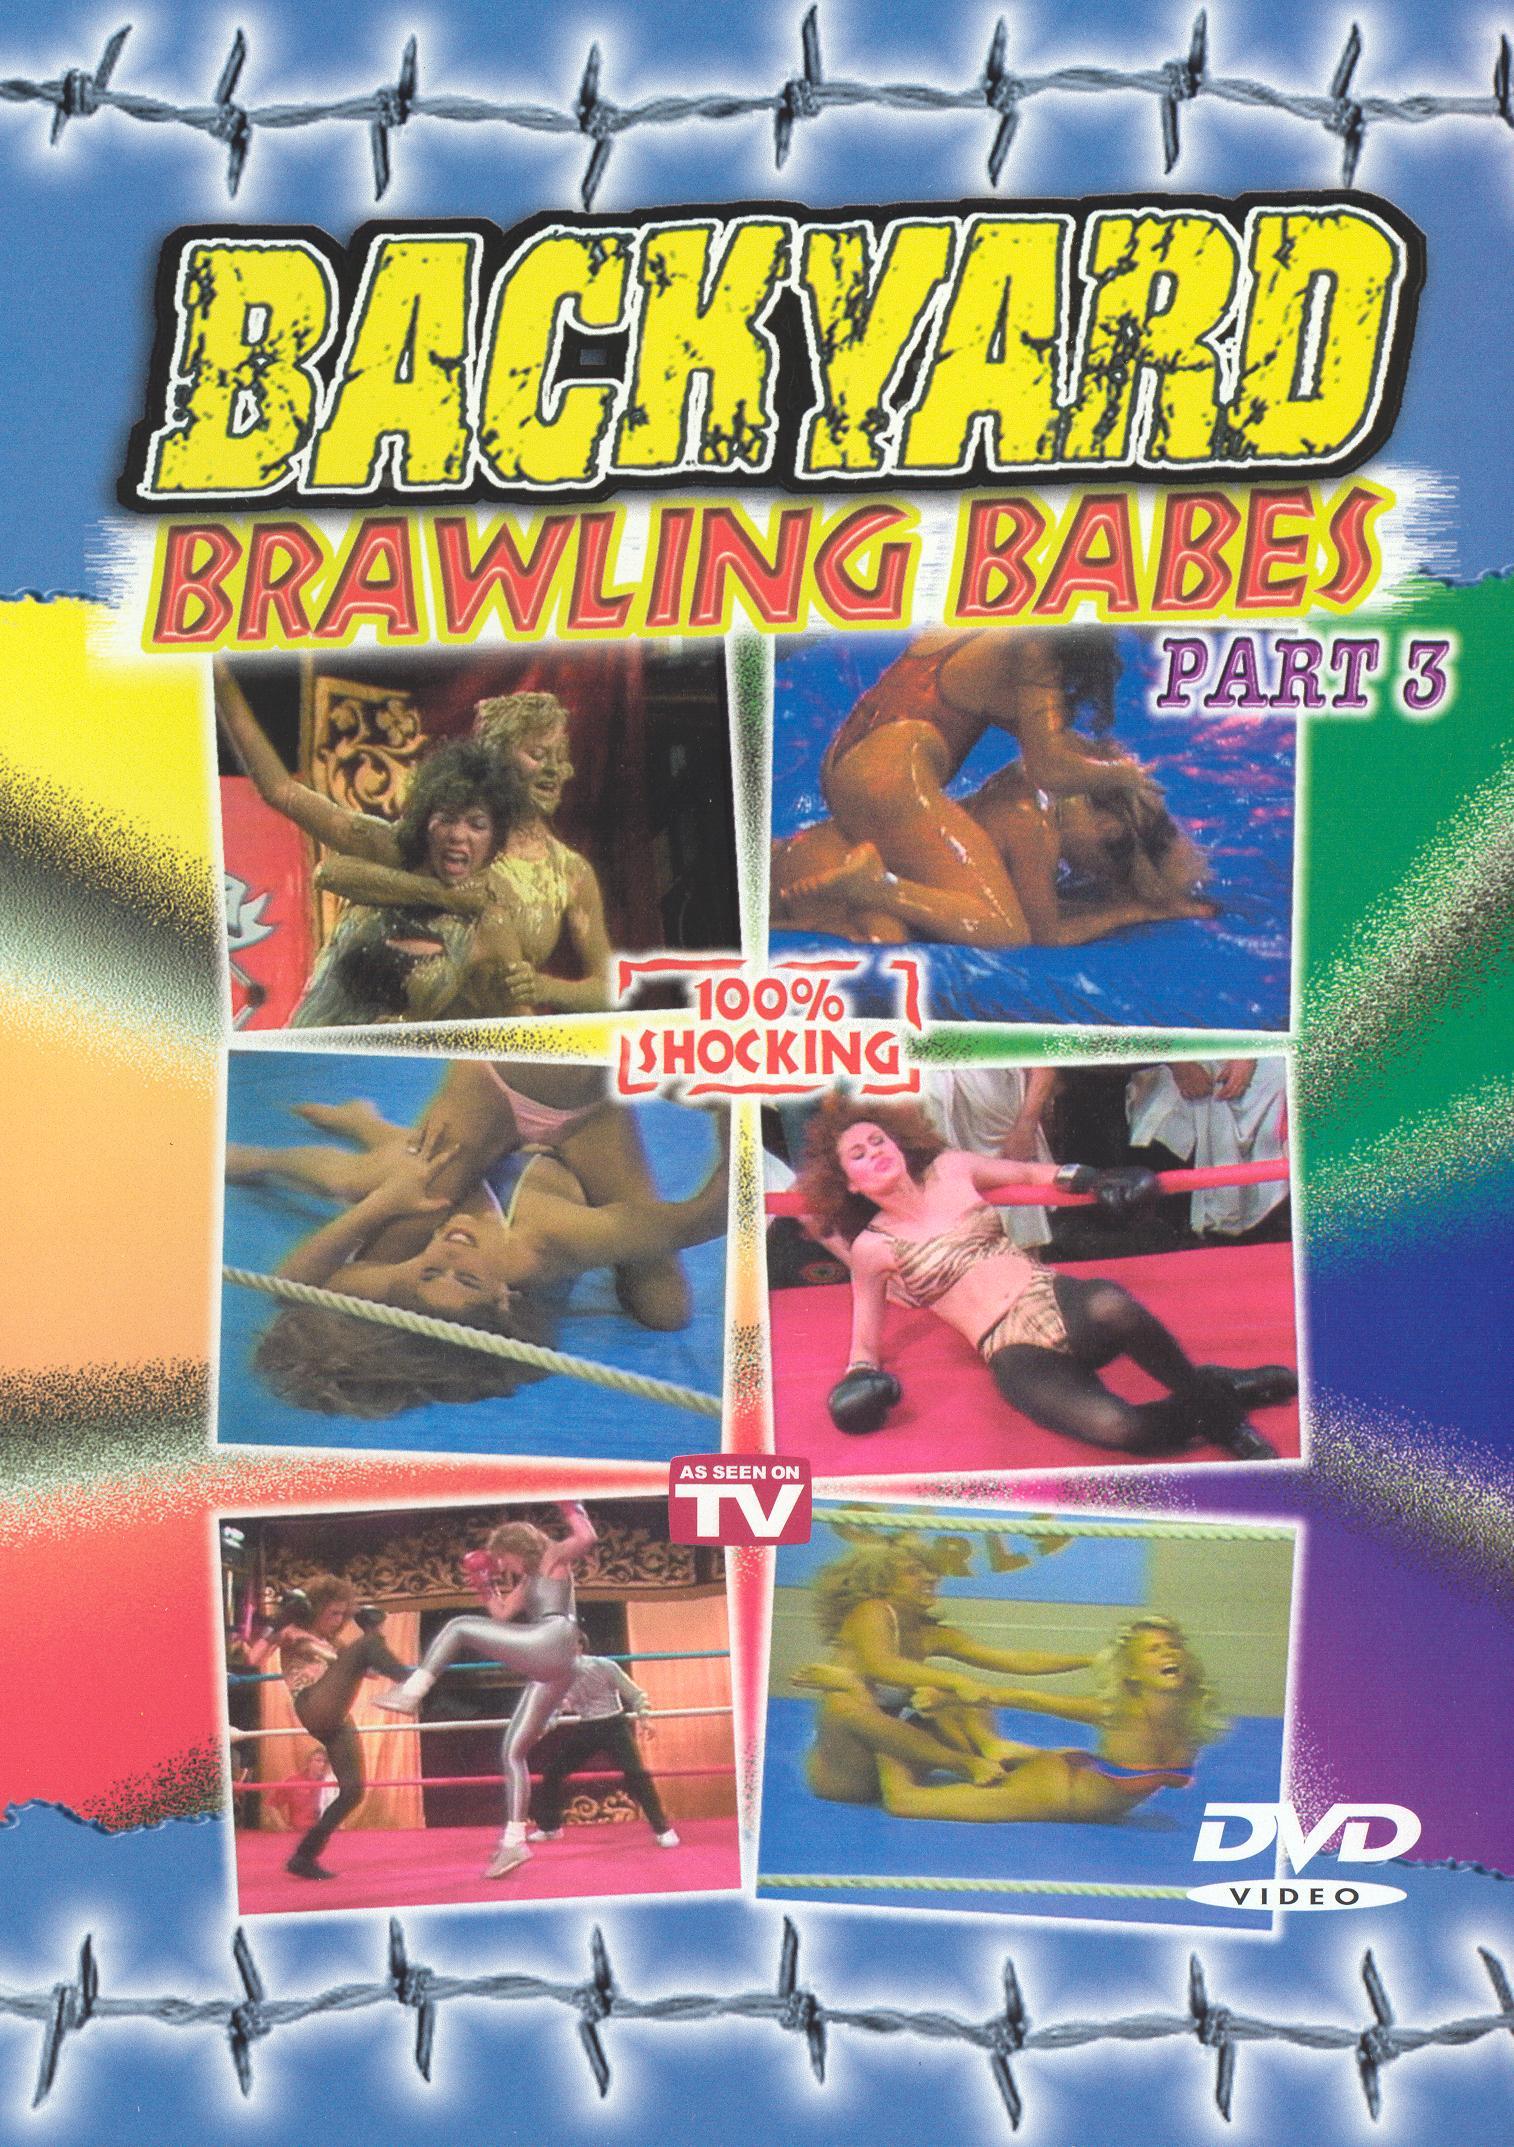 Backyard Brawling Babes, Vol. 3